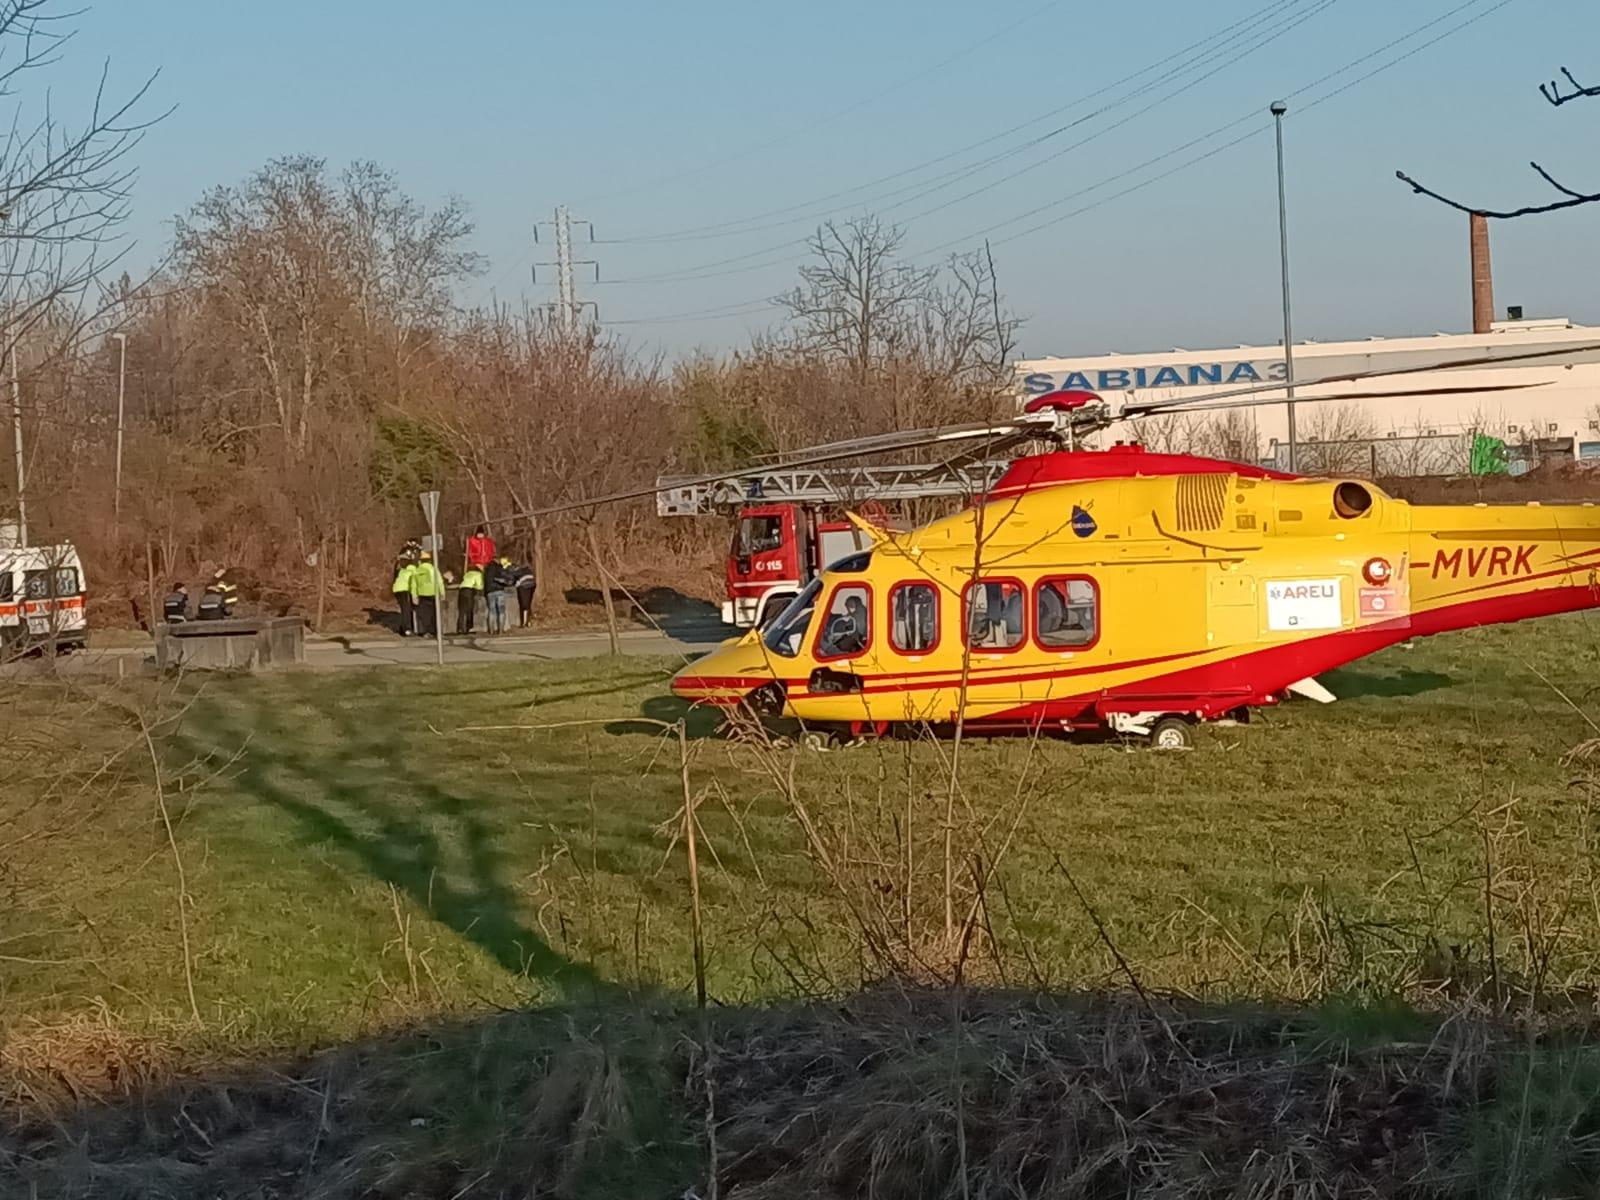 Corbetta - Gravissimo incidente in via Nievo. Corbetta 27/02/2021